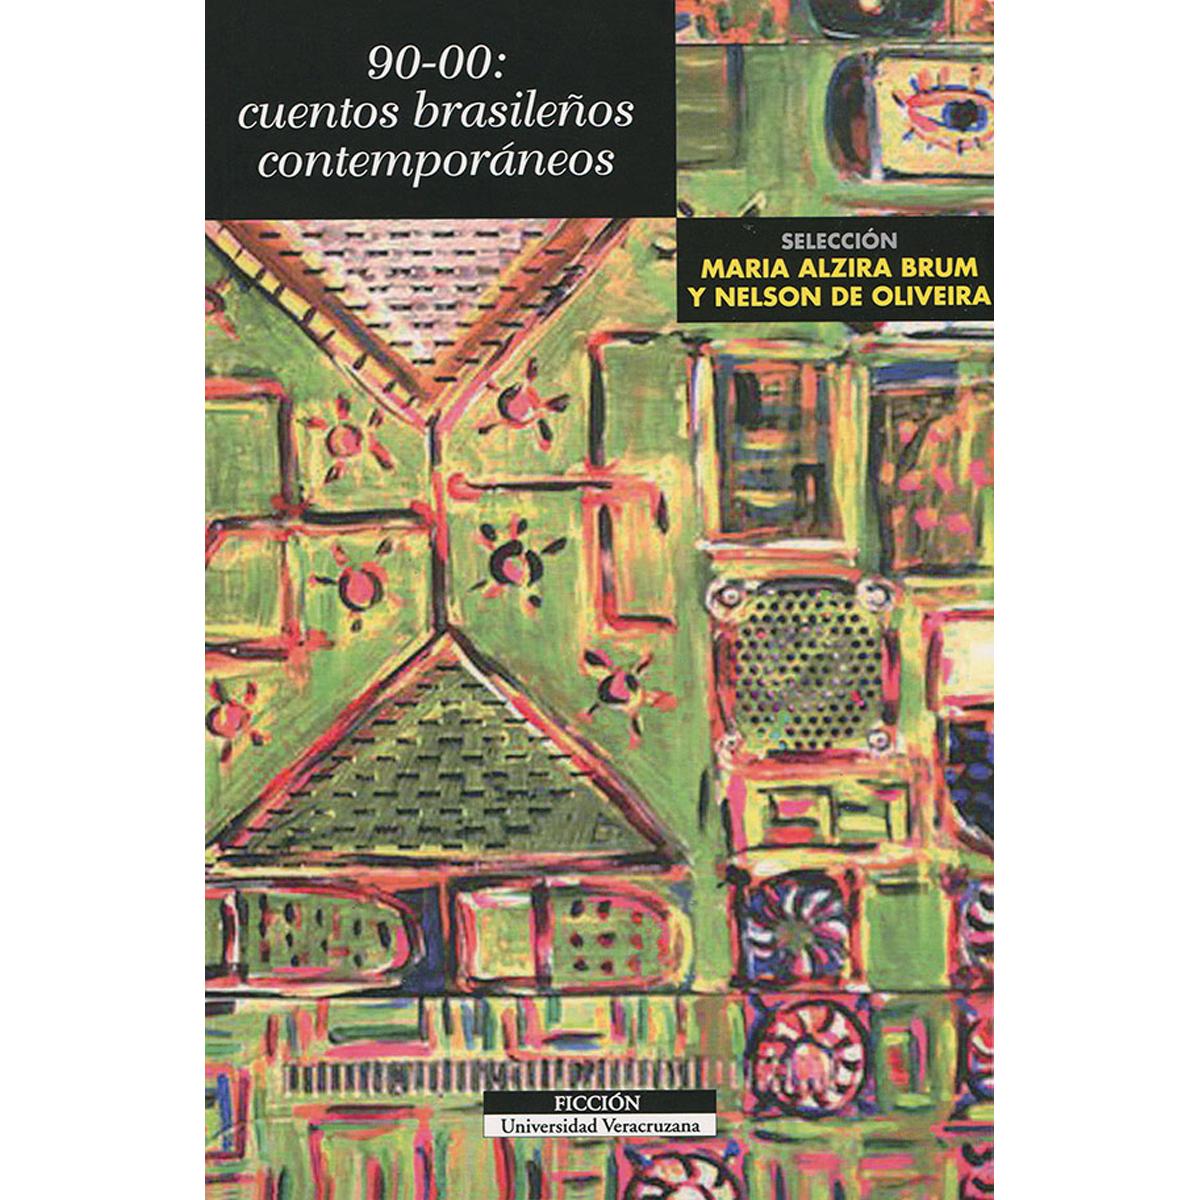 90-00: cuentos brasileños contemporáneos